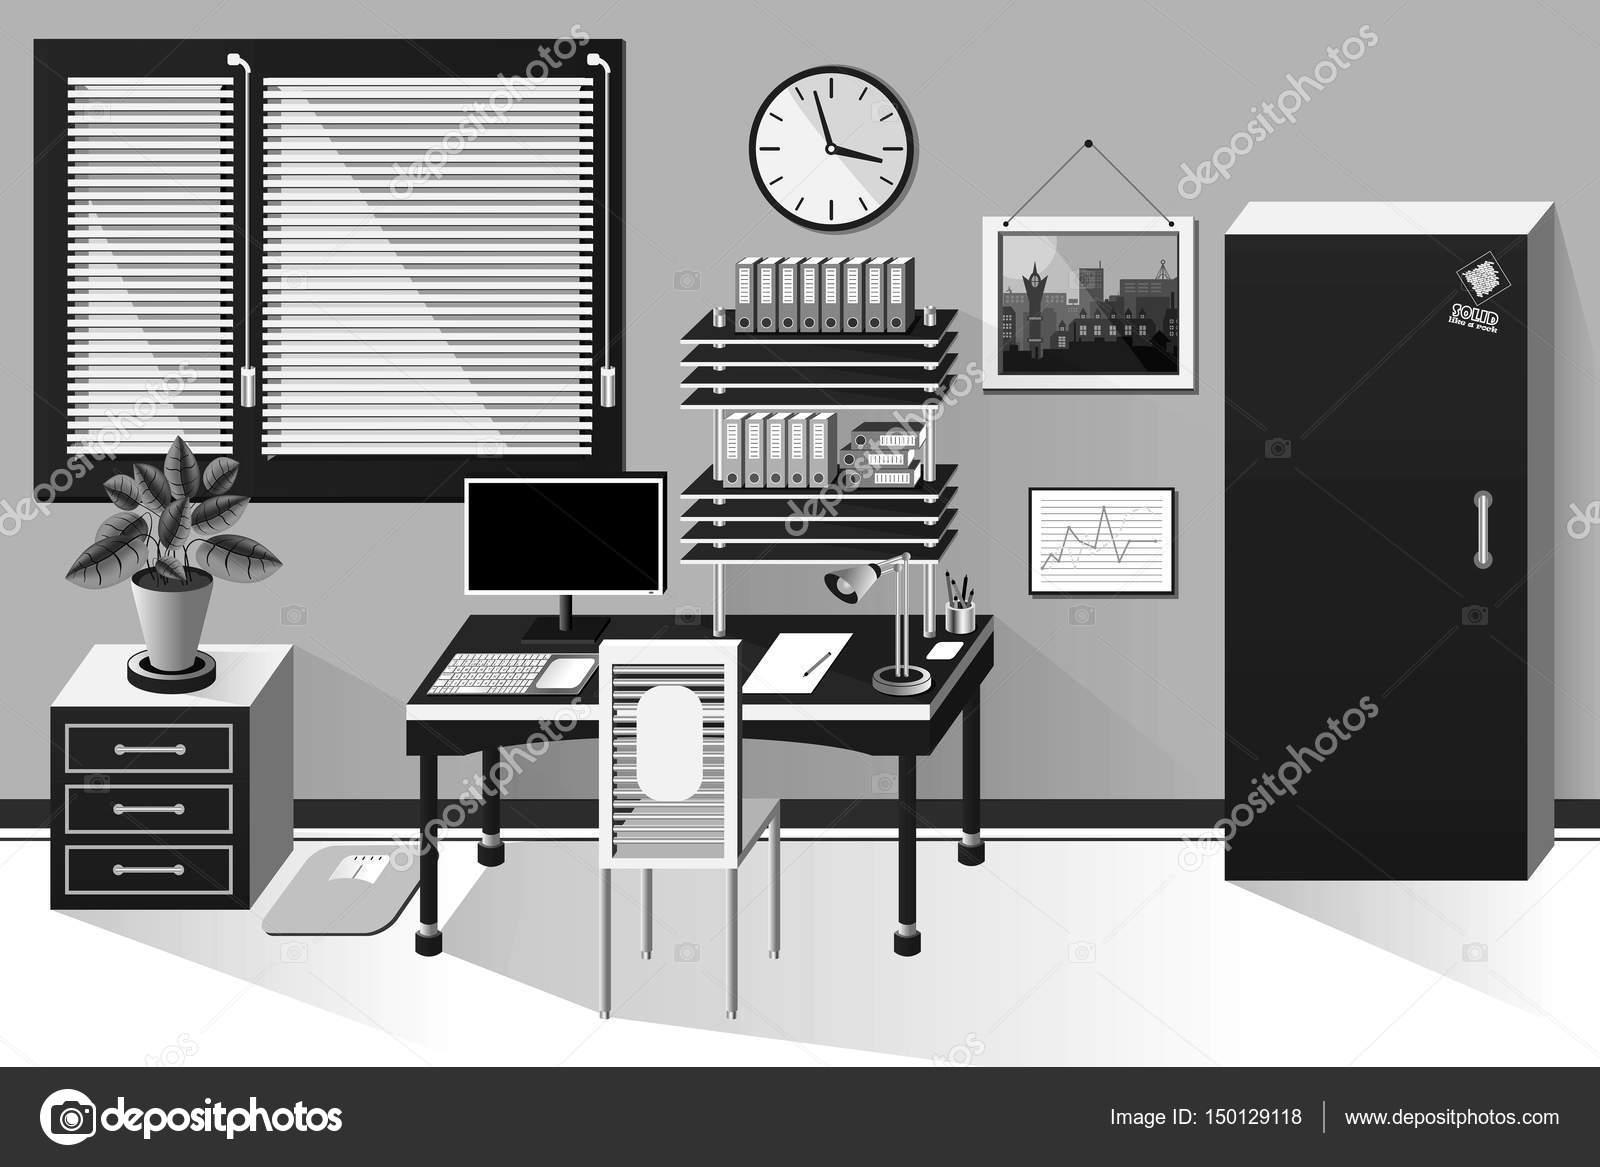 Salle de bureau intérieur en style classique noir et blanc